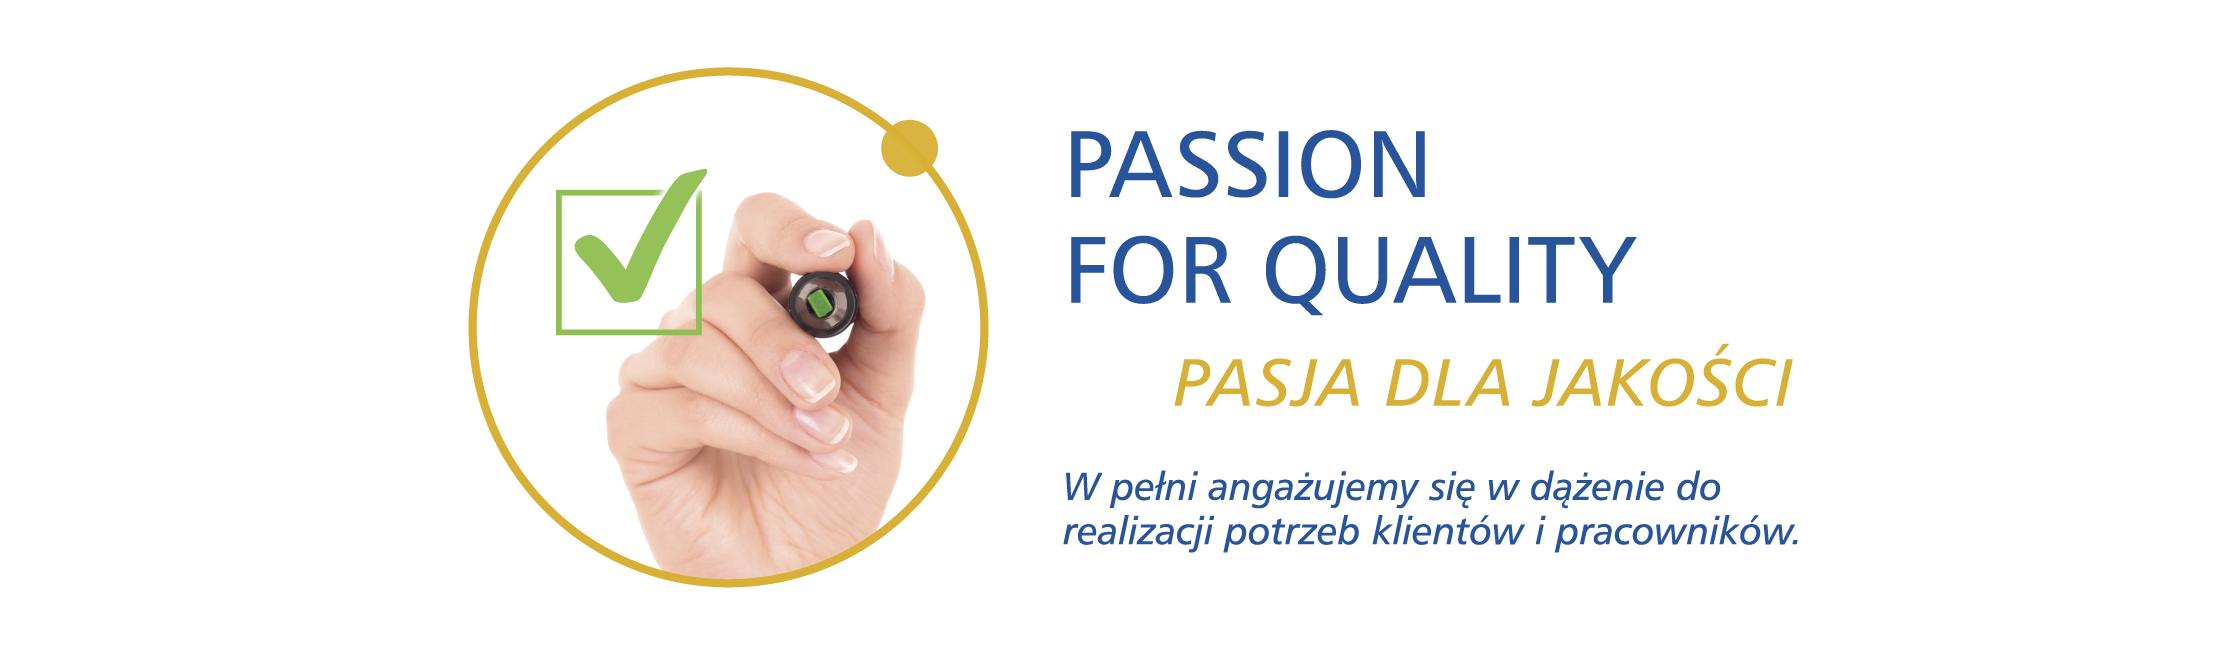 pasja dla jakości